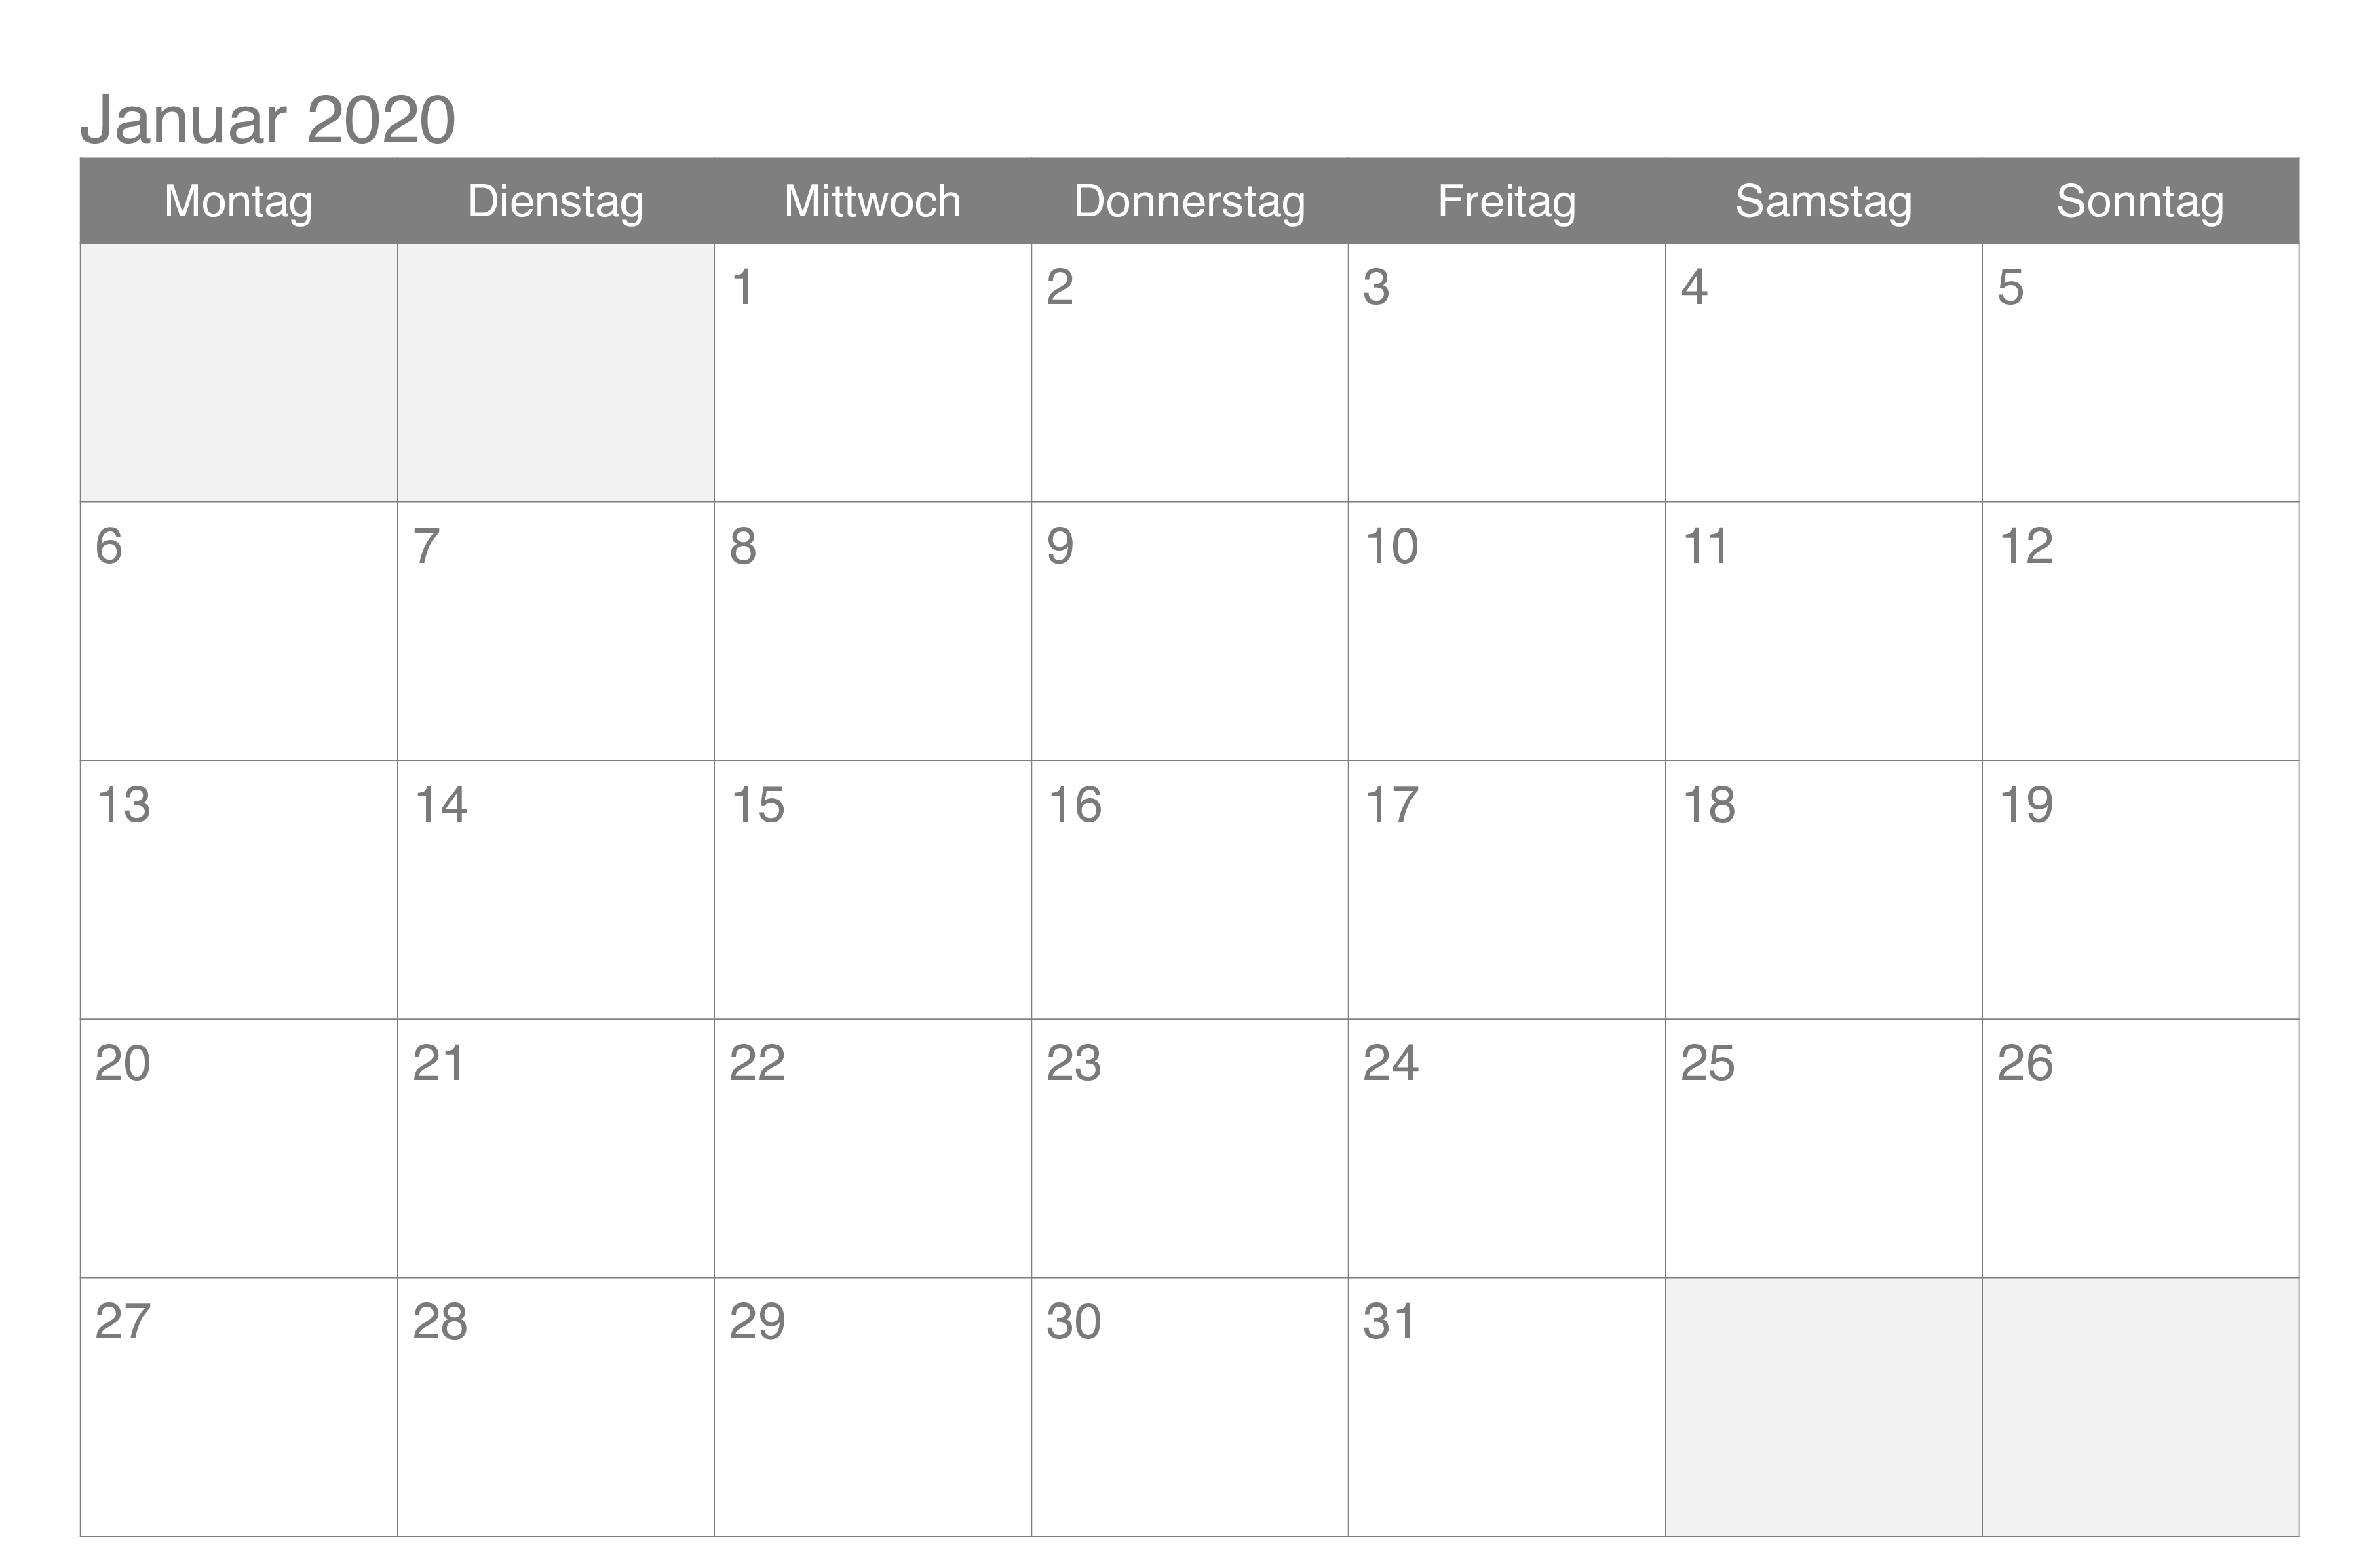 Januar 2020 Kalender Excel